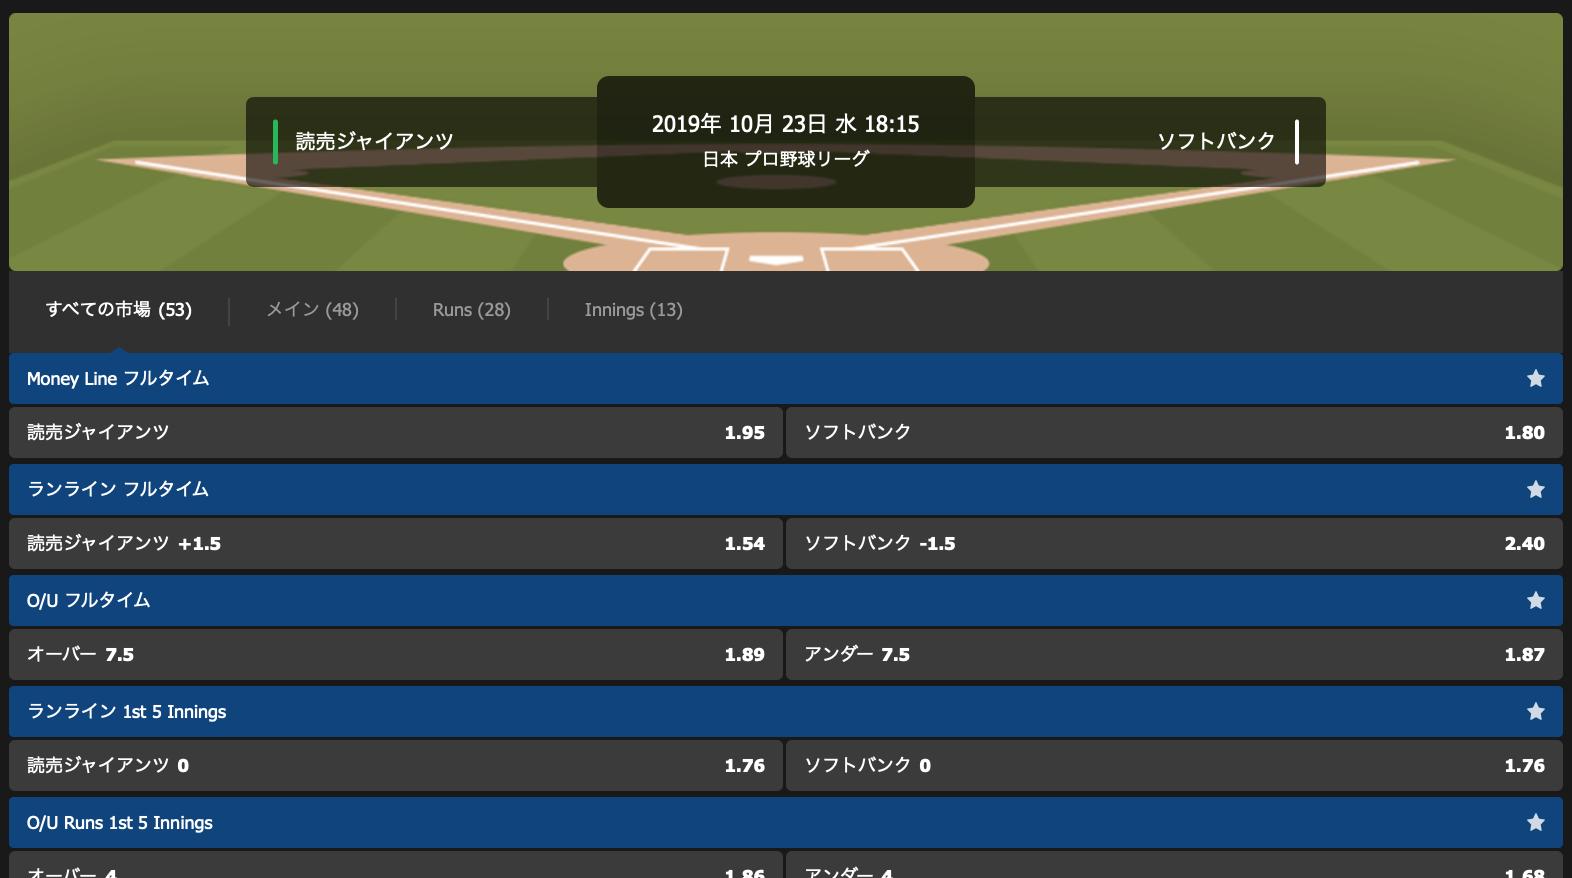 2019日本シリーズ巨人対ソフトバンク第4戦試合前予想オッズ